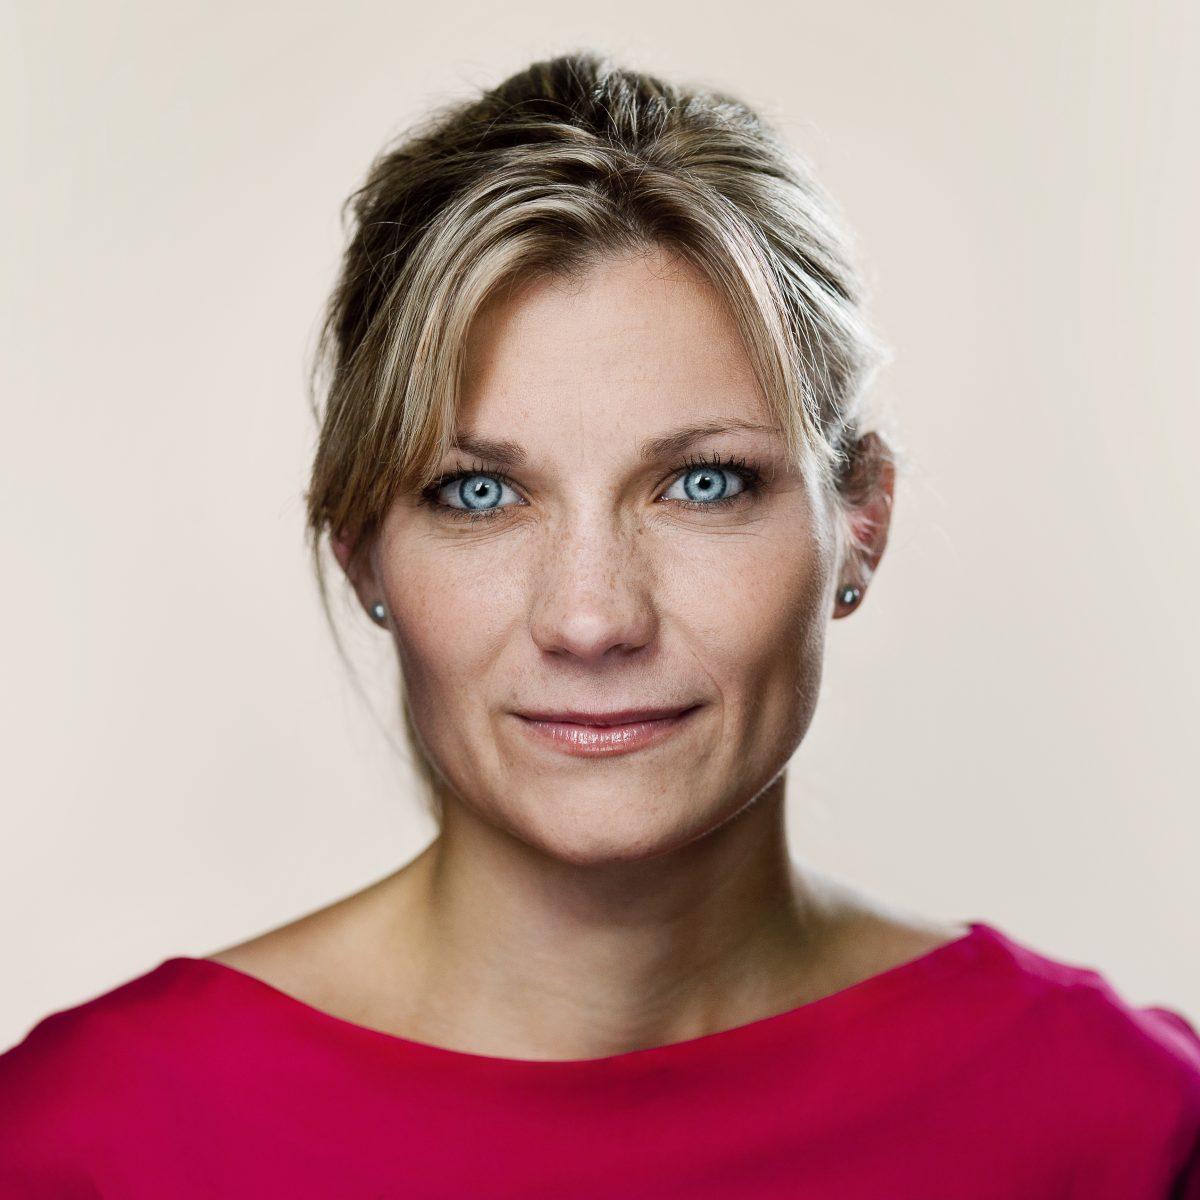 DAGENS POLITIKER: Børneordfører Lotte Rod (B)